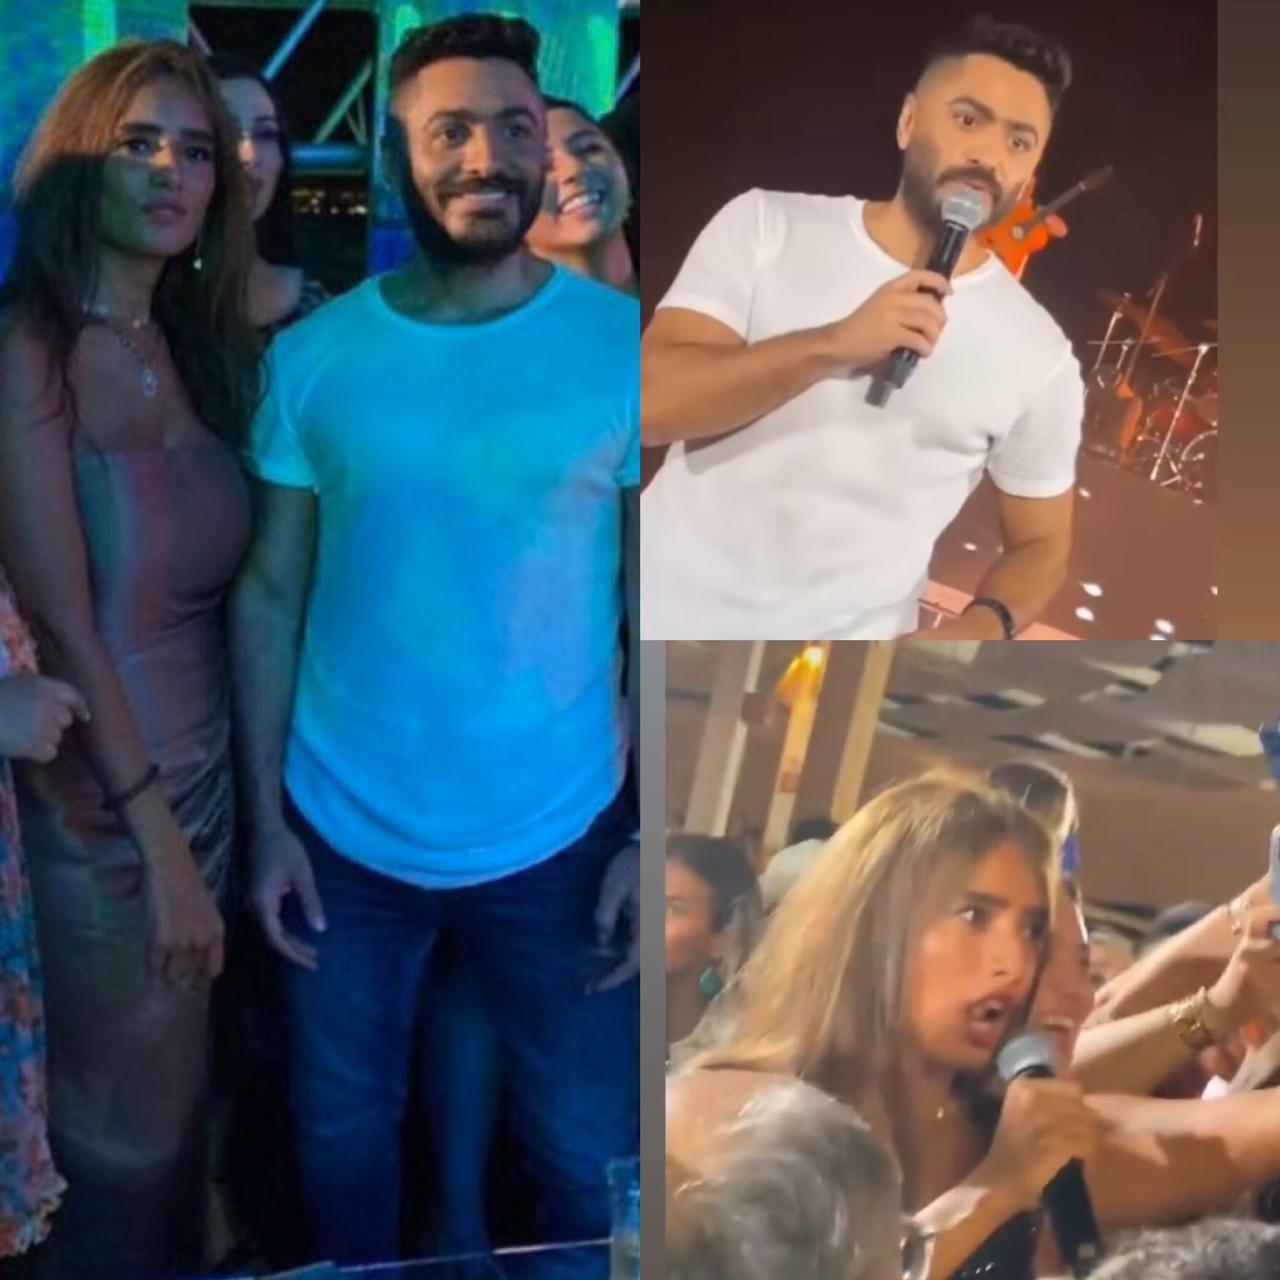 زينة تلقي زغروطة في حفل تامر حسني بالساحل